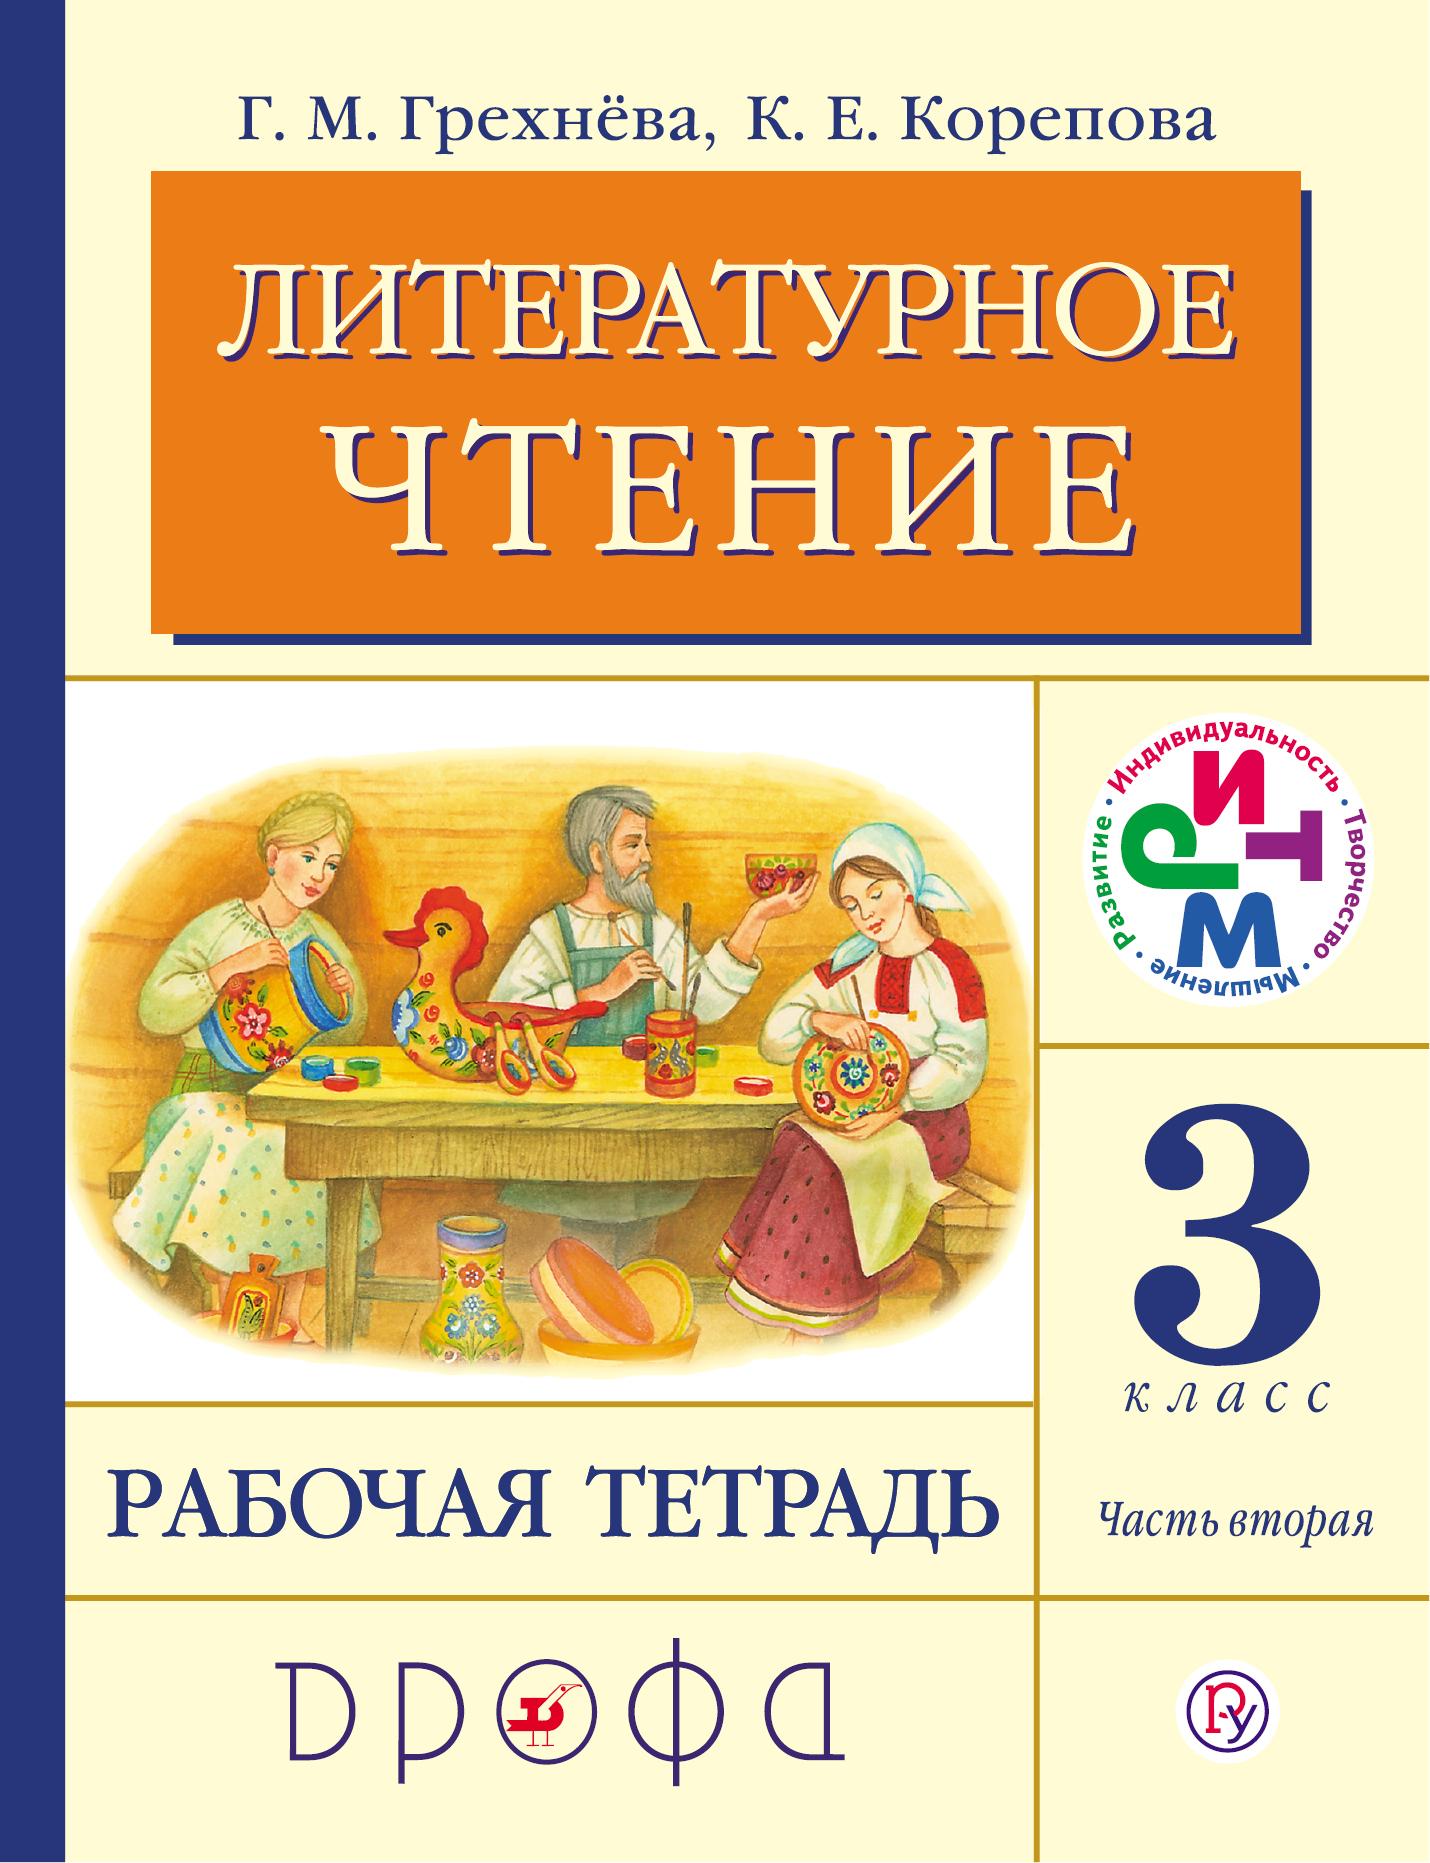 Грехнева Г.М., Корепова К.Е. Литературное чтение. 3 класс. Рабочая тетрадь.Часть 2.